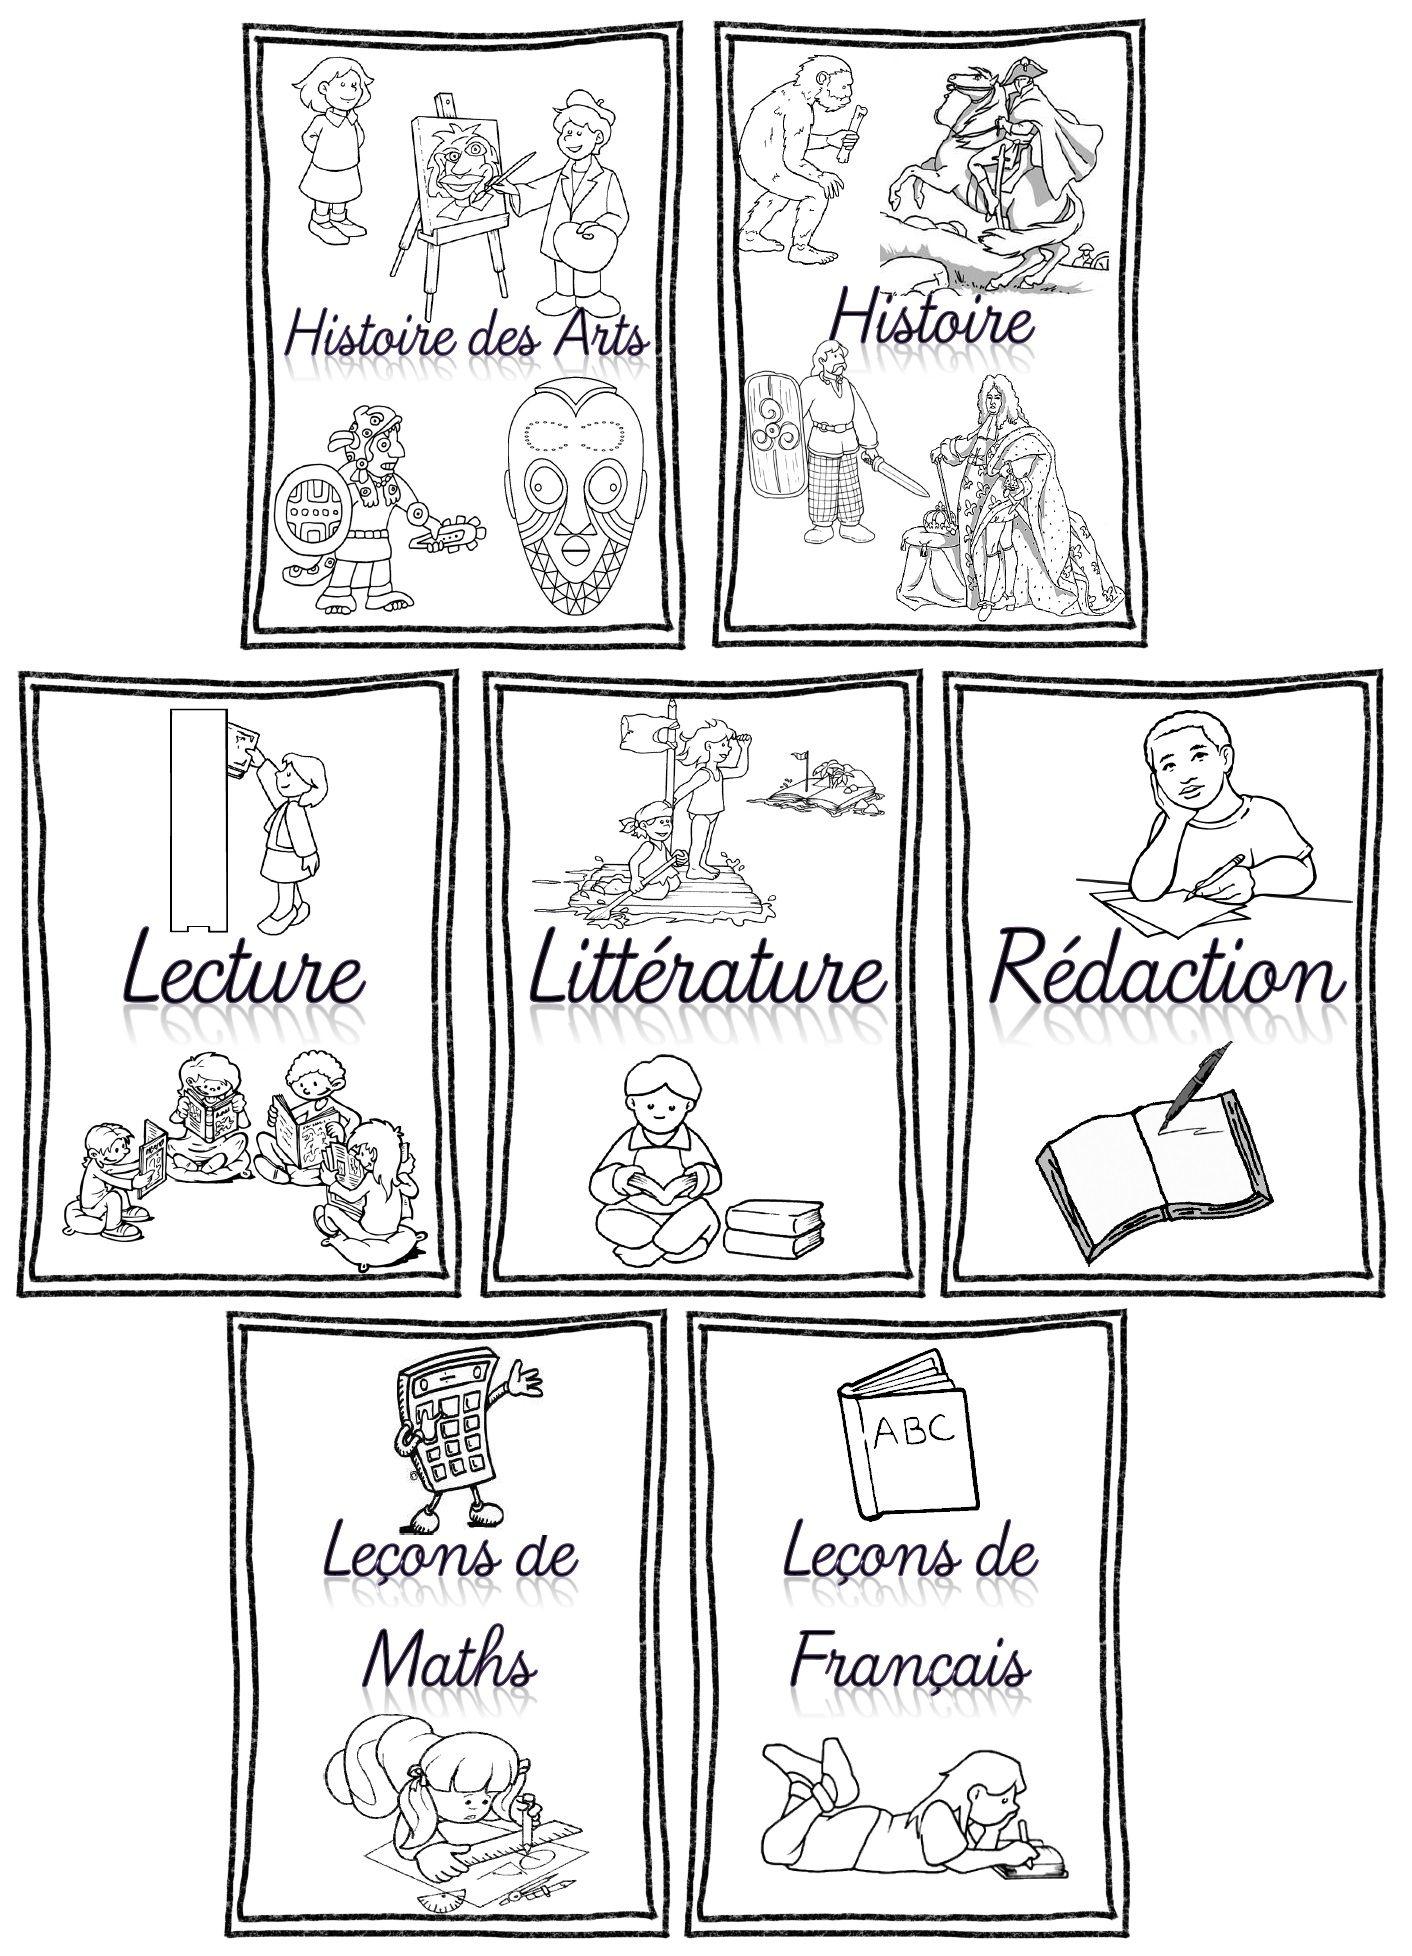 Rentr e pages de garde pour cahiers porte vues et classeurs cycles 2 et 3 cycling and school - Conjugaison colorier ...